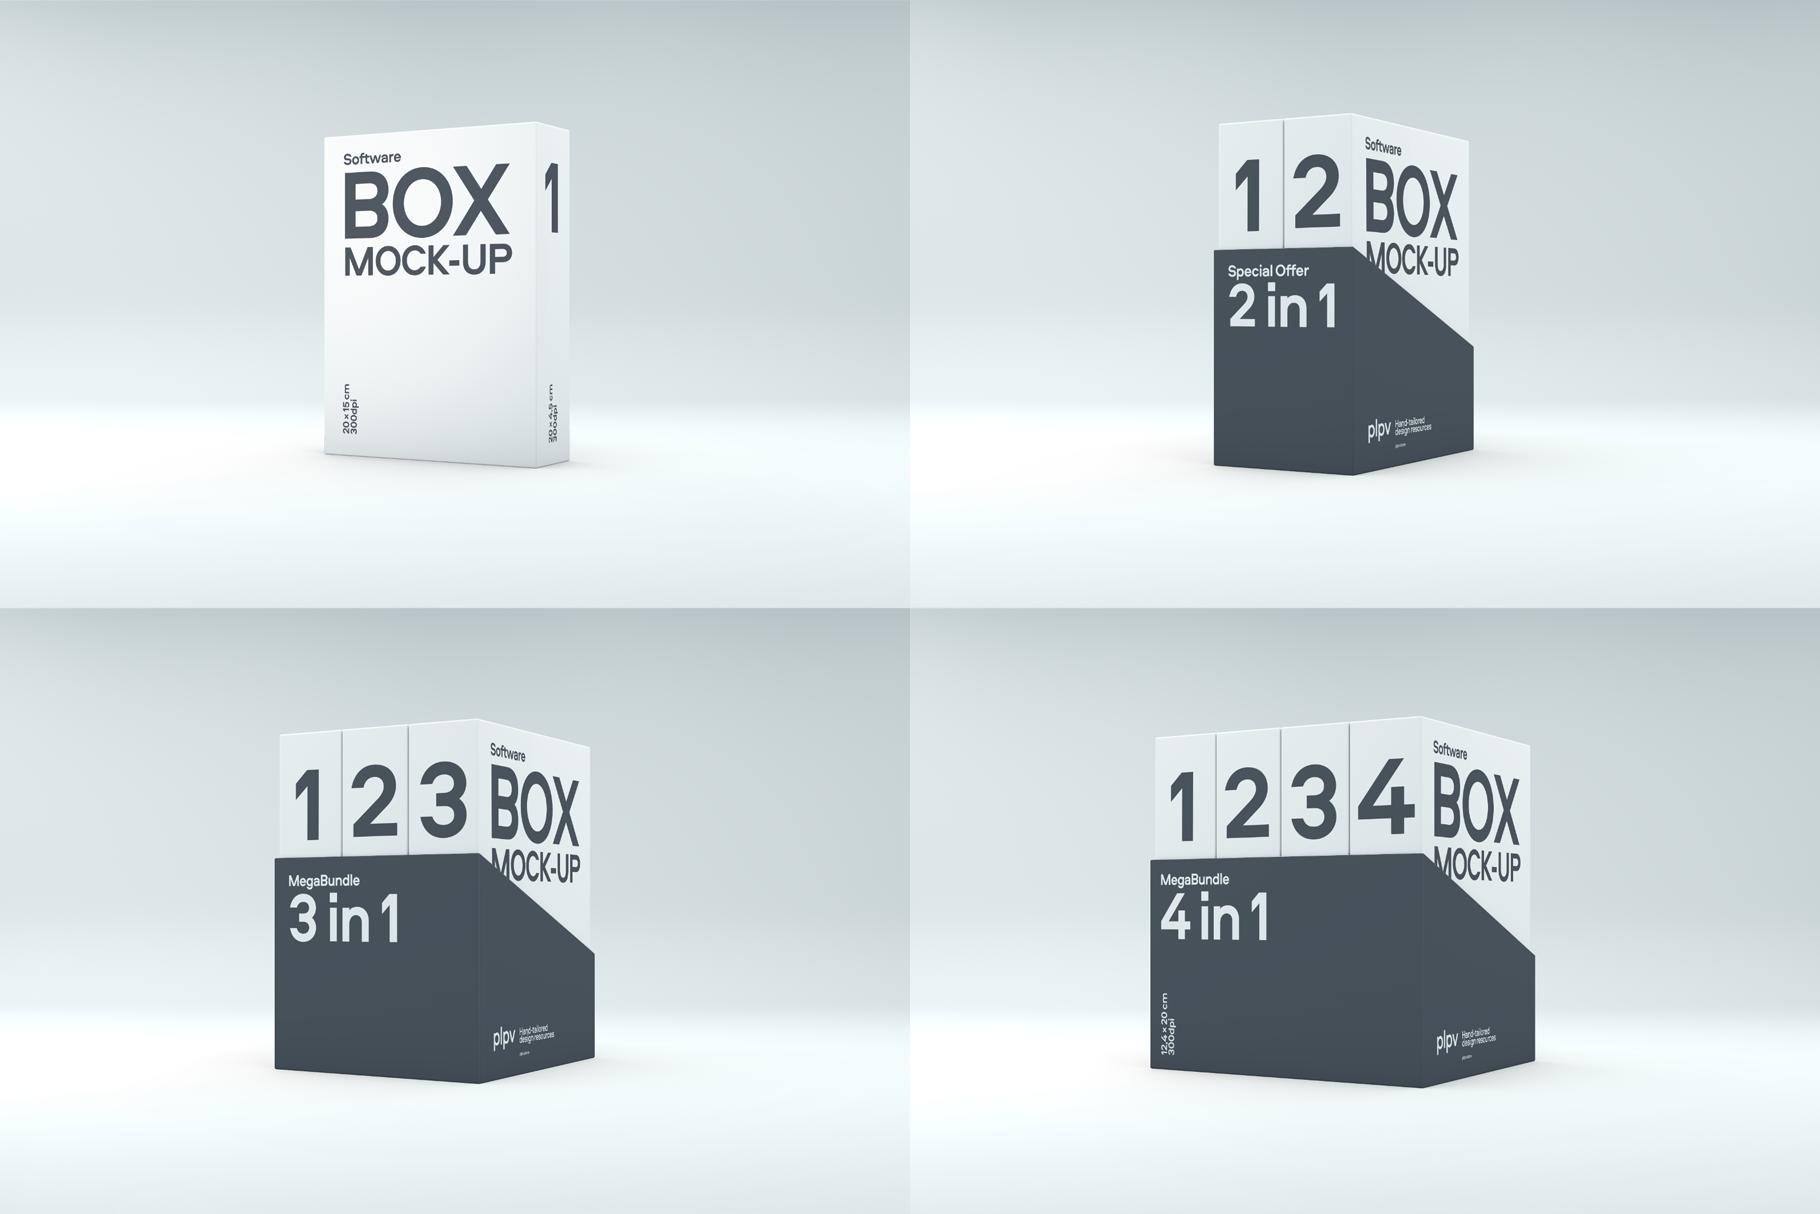 Software Box Mockup example image 5